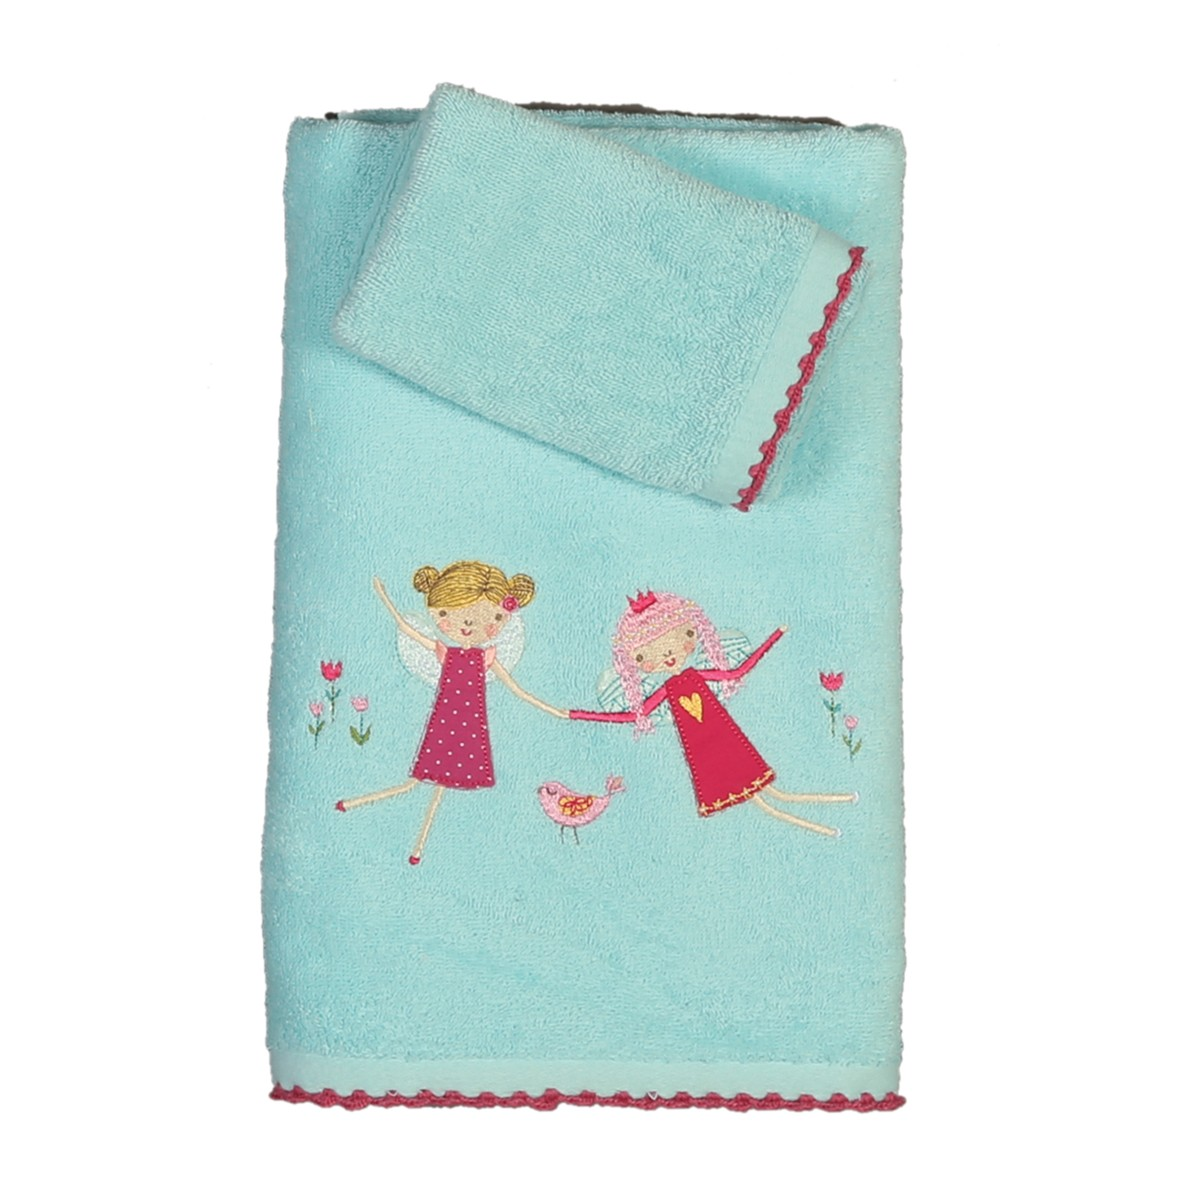 Παιδικές Πετσέτες (Σετ 2τμχ) Nef-Nef Junior Fairies In The Garde